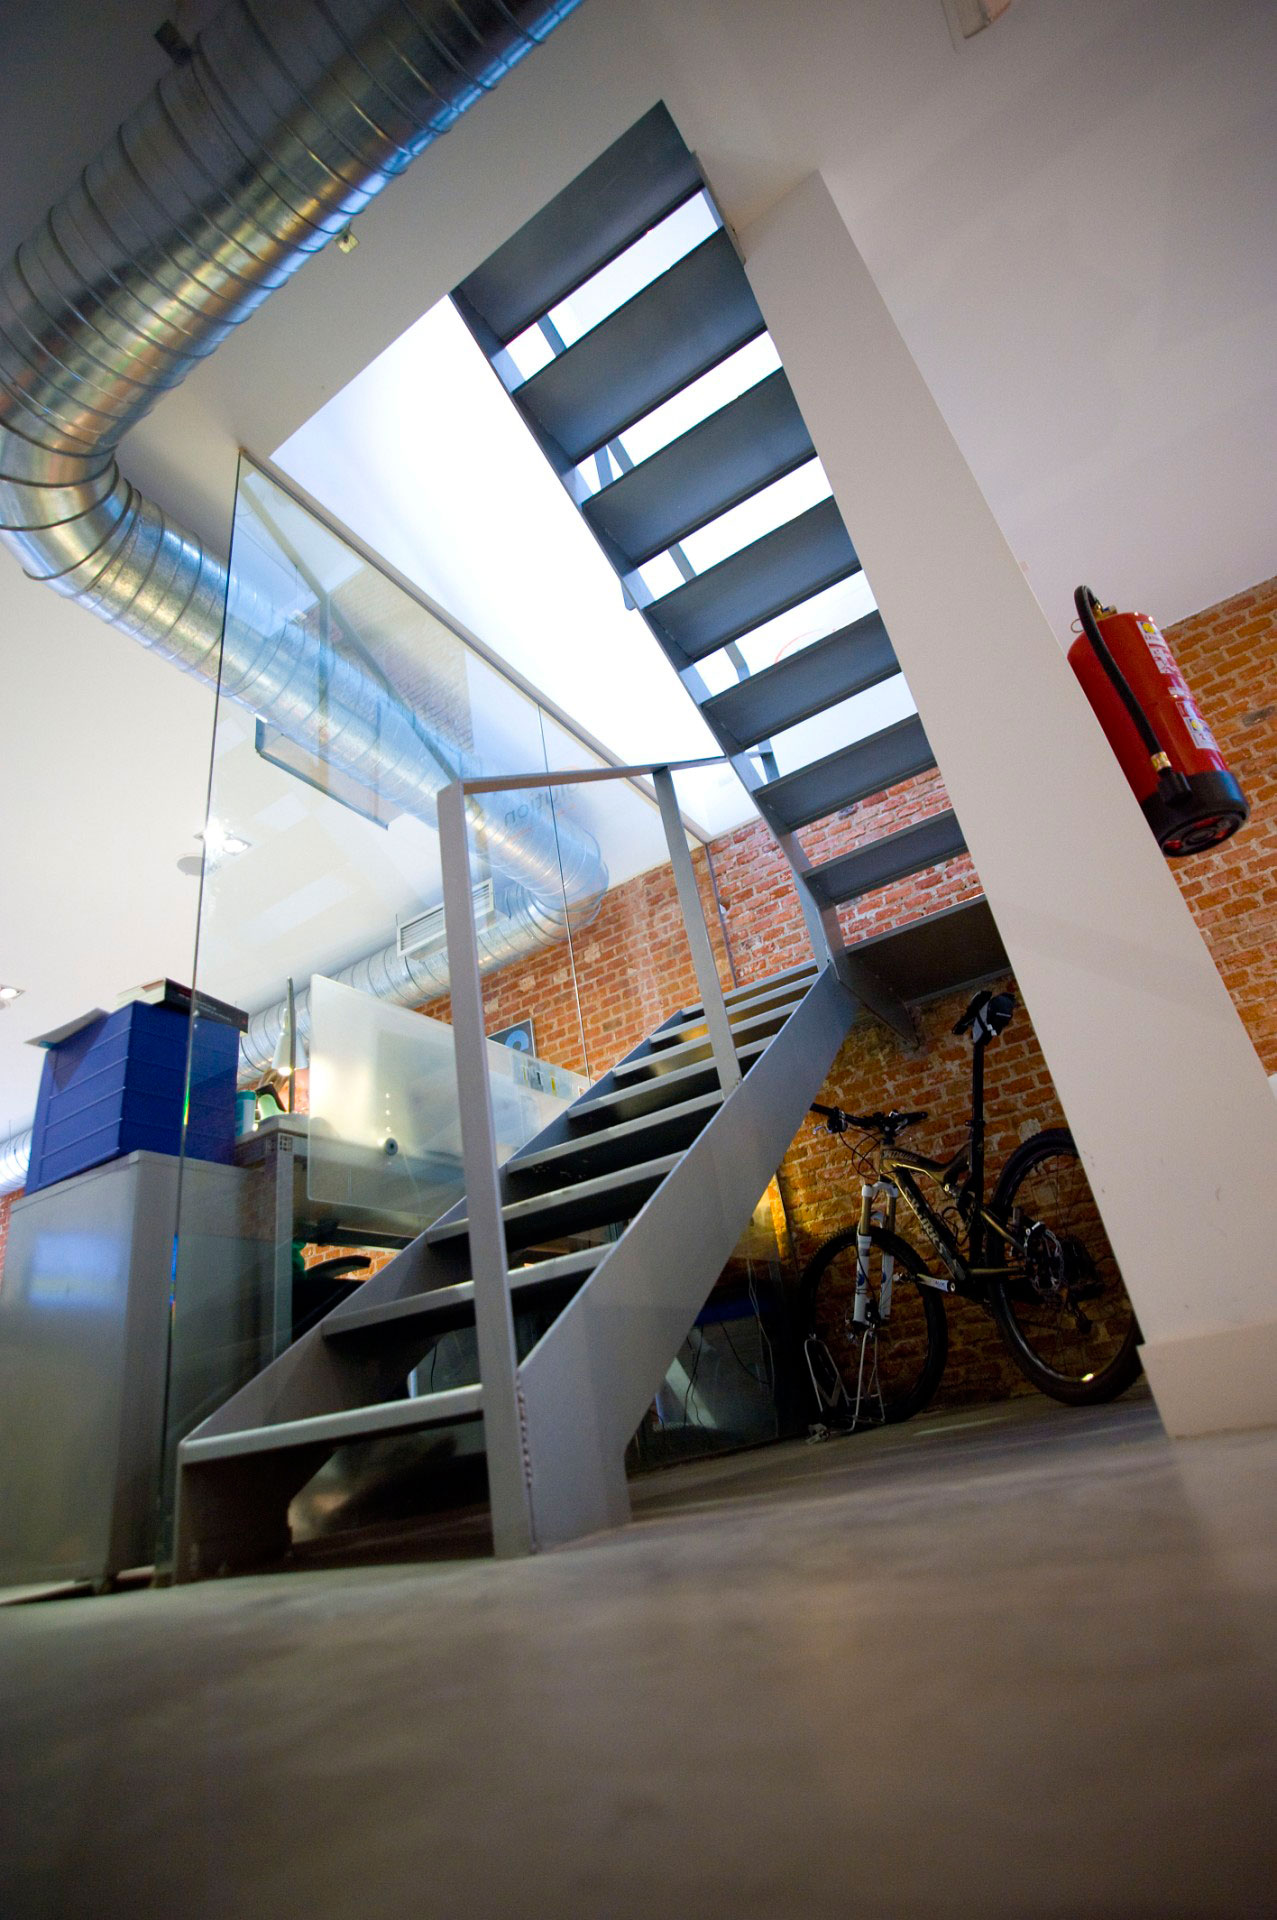 Ufficio con pavimento in microcemento, parete in mattoni e scala in ferro